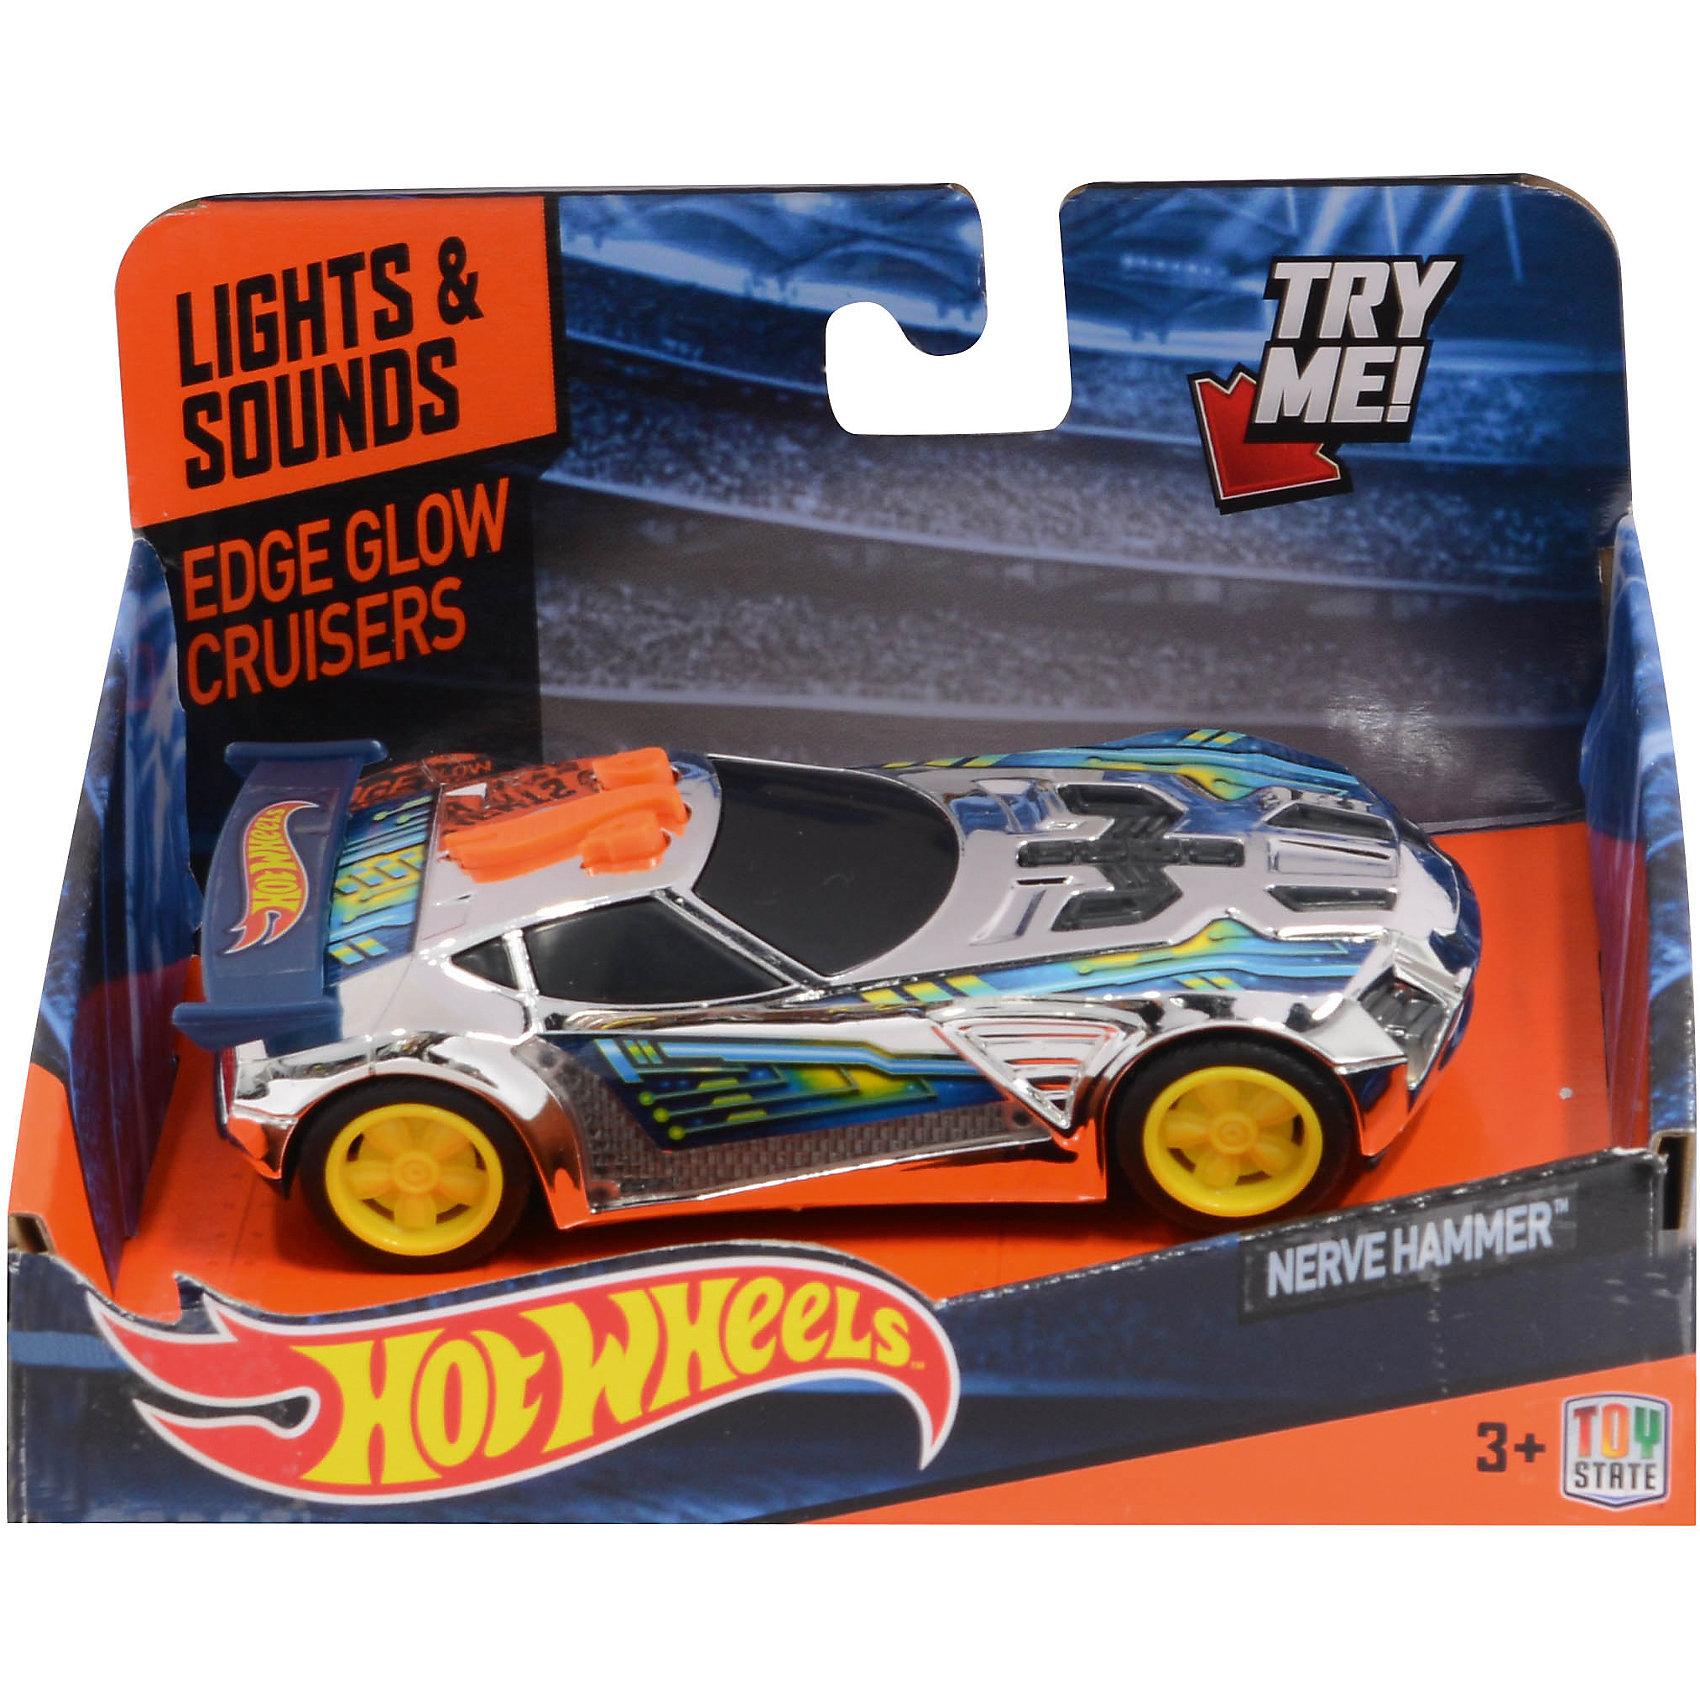 Машинка - Nerve Hammer (свет, звук), 13,5 см, Hot WheelsХарактеристики товара:<br><br>- цвет: разноцветный;<br>- материал: пластик, металл;<br>- особенности: на батарейках, со звуковыми и световыми эффектами;<br>- вес: 160 г;<br>- размер упаковки: 9х13х18;<br>- батарейки: демонстрационные в комплекте;<br>- размер машинки: 13,5 см.<br><br>Какой мальчишка откажется поиграть с коллекционной машинкой Hot Wheels, которая выглядит как настоящая?! Машинка очень эффектно смотрится, она запускается нажатием кнопки. Игрушка отлично детализирована, очень качественно выполнена, поэтому она станет отличным подарком ребенку. Продается в красивой упаковке.<br>Изделия произведены из высококачественного материала, безопасного для детей.<br><br>Машинку Синий спойлер Hot Wheels можно купить в нашем интернет-магазине.<br><br>Ширина мм: 89<br>Глубина мм: 127<br>Высота мм: 158<br>Вес г: 166<br>Возраст от месяцев: 36<br>Возраст до месяцев: 2147483647<br>Пол: Мужской<br>Возраст: Детский<br>SKU: 5066720